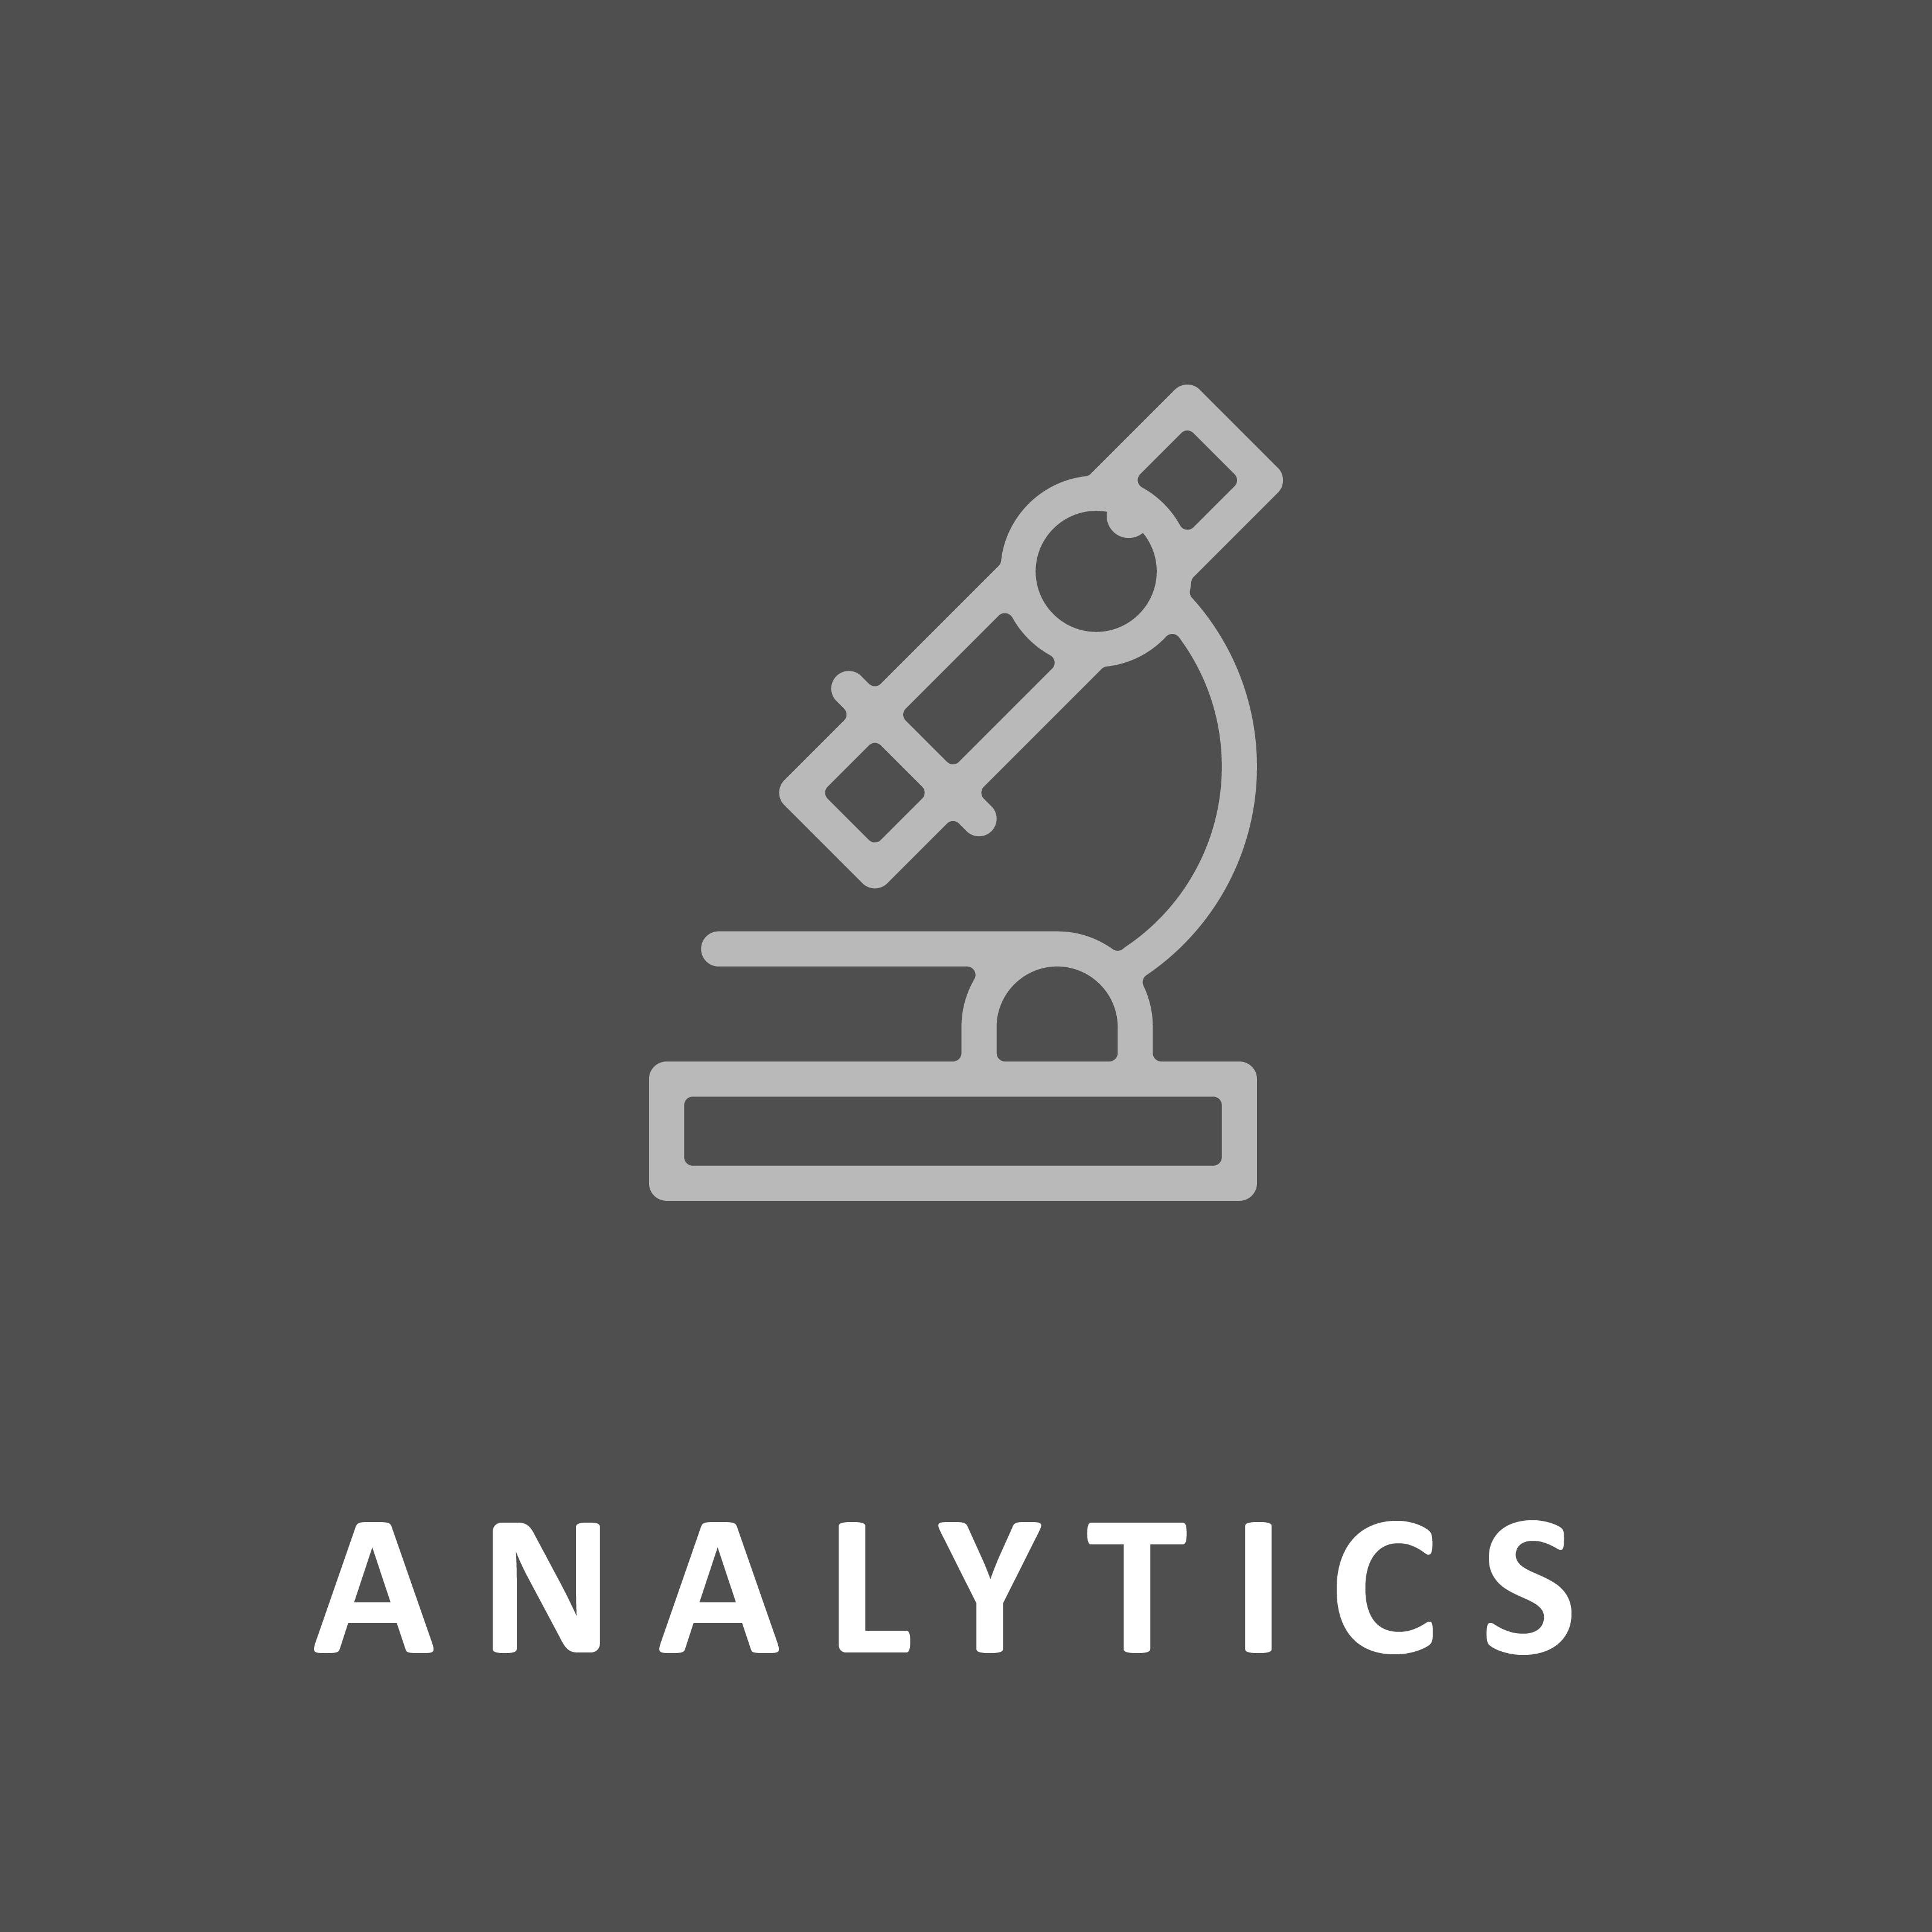 Analytics@2x